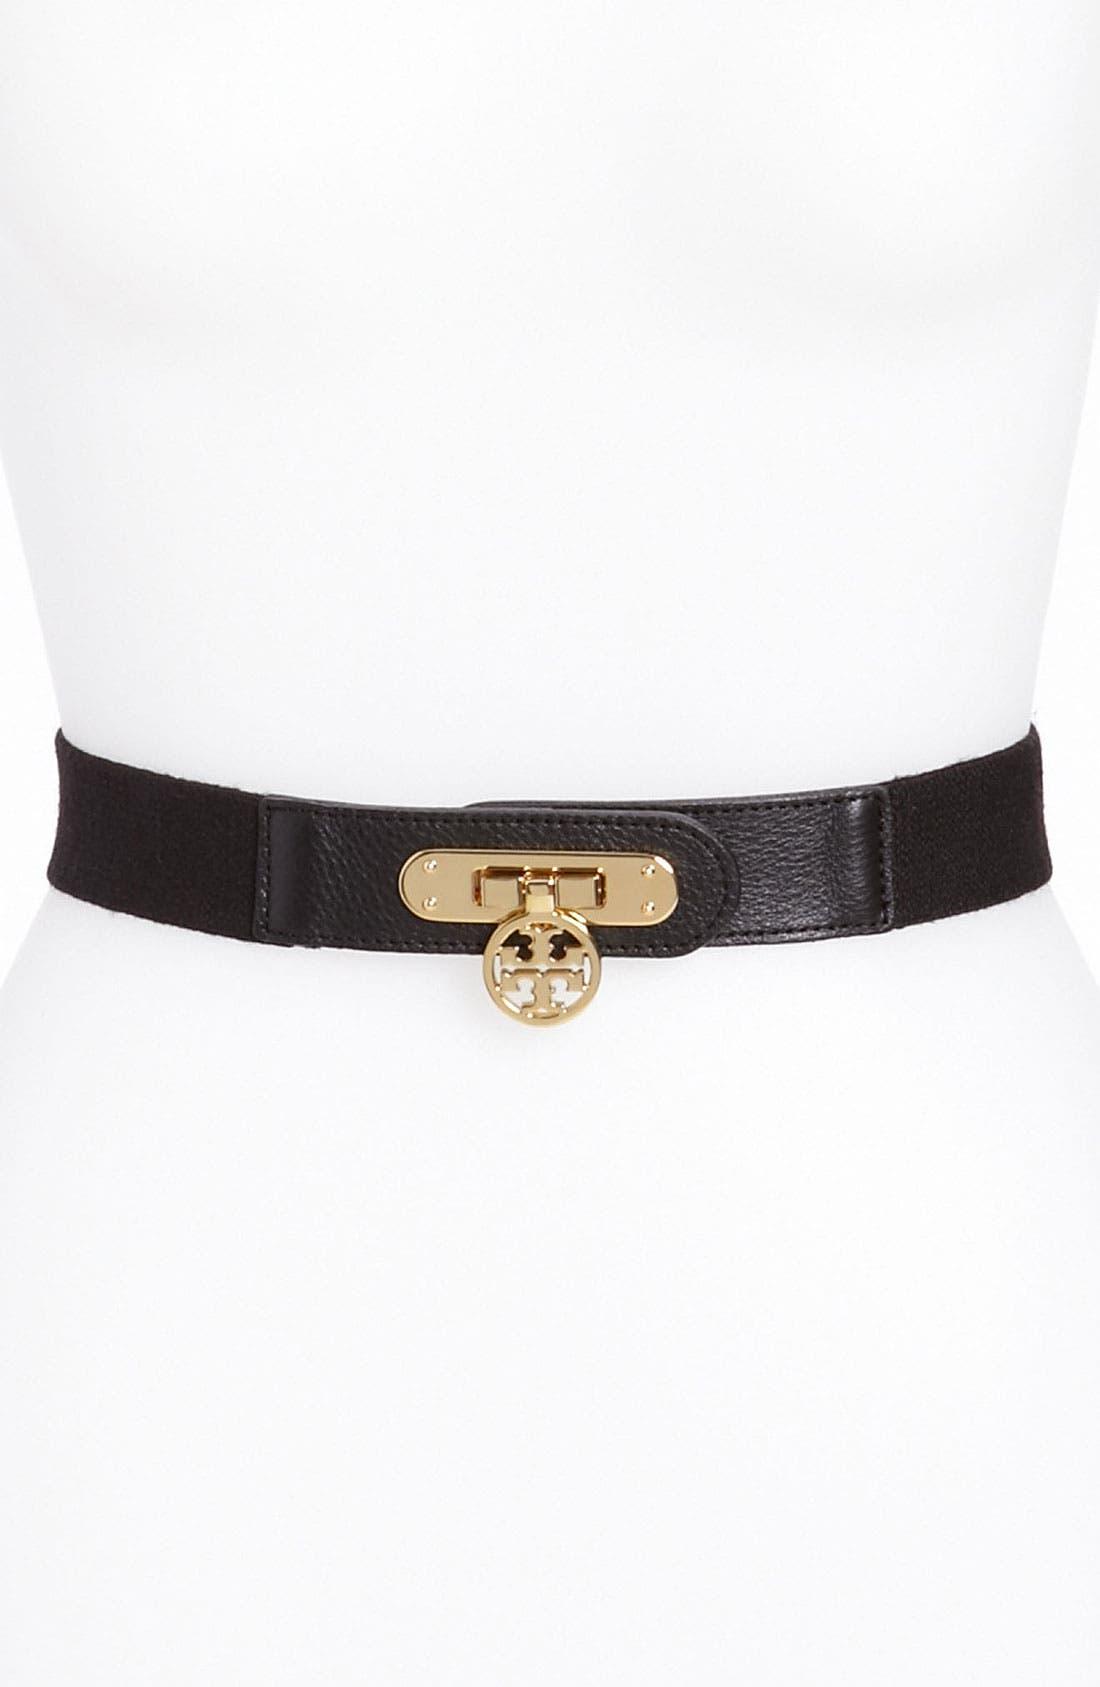 Main Image - Tory Burch 'Daria' Stretch Belt